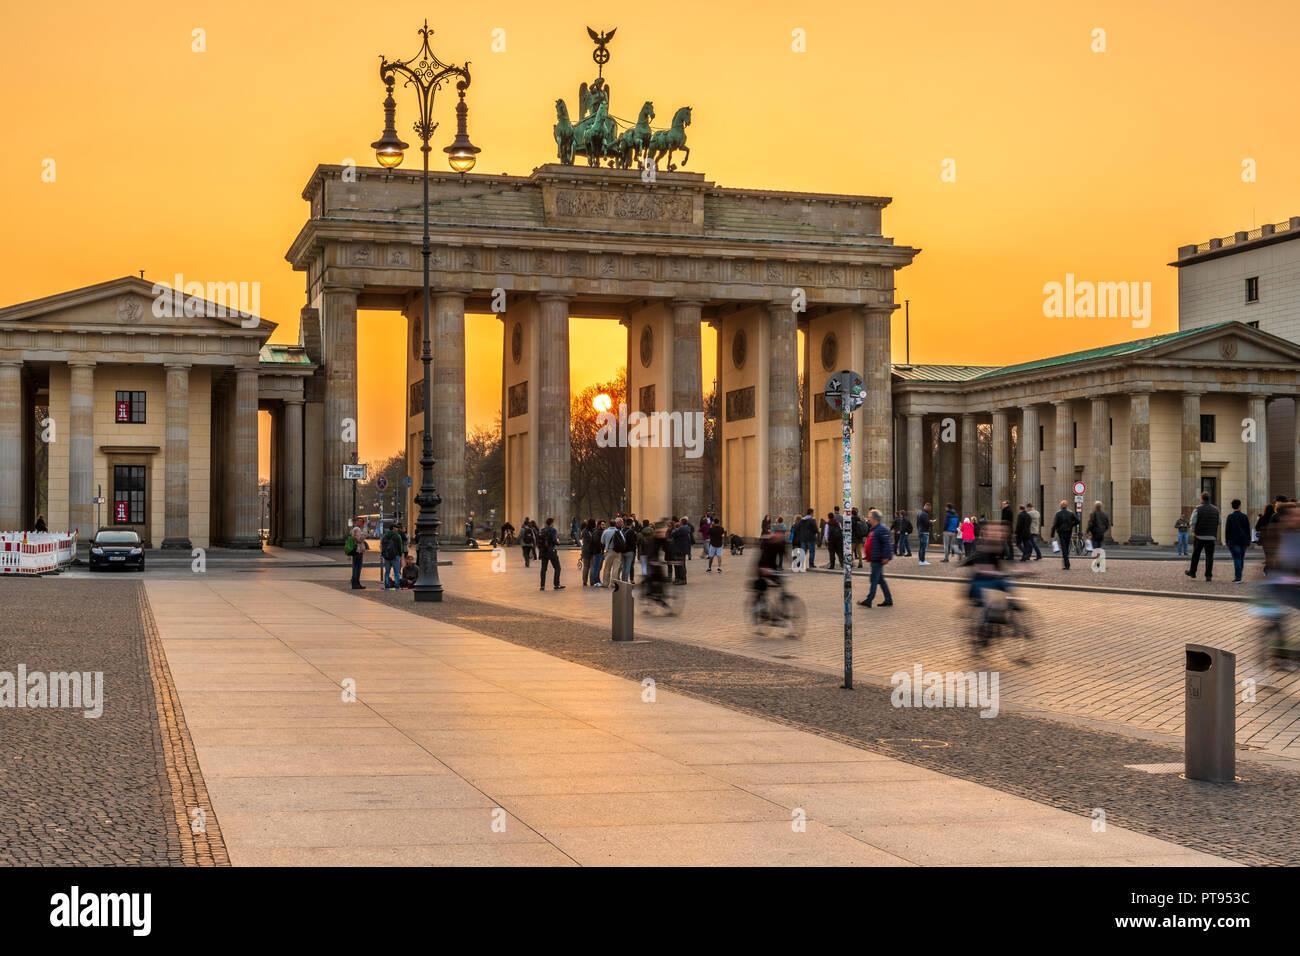 La Puerta de Brandenburgo es un 18th-century monumento histórico neoclásico situado al oeste de la Pariser Platz, en la parte oeste de Berlín. Imagen De Stock